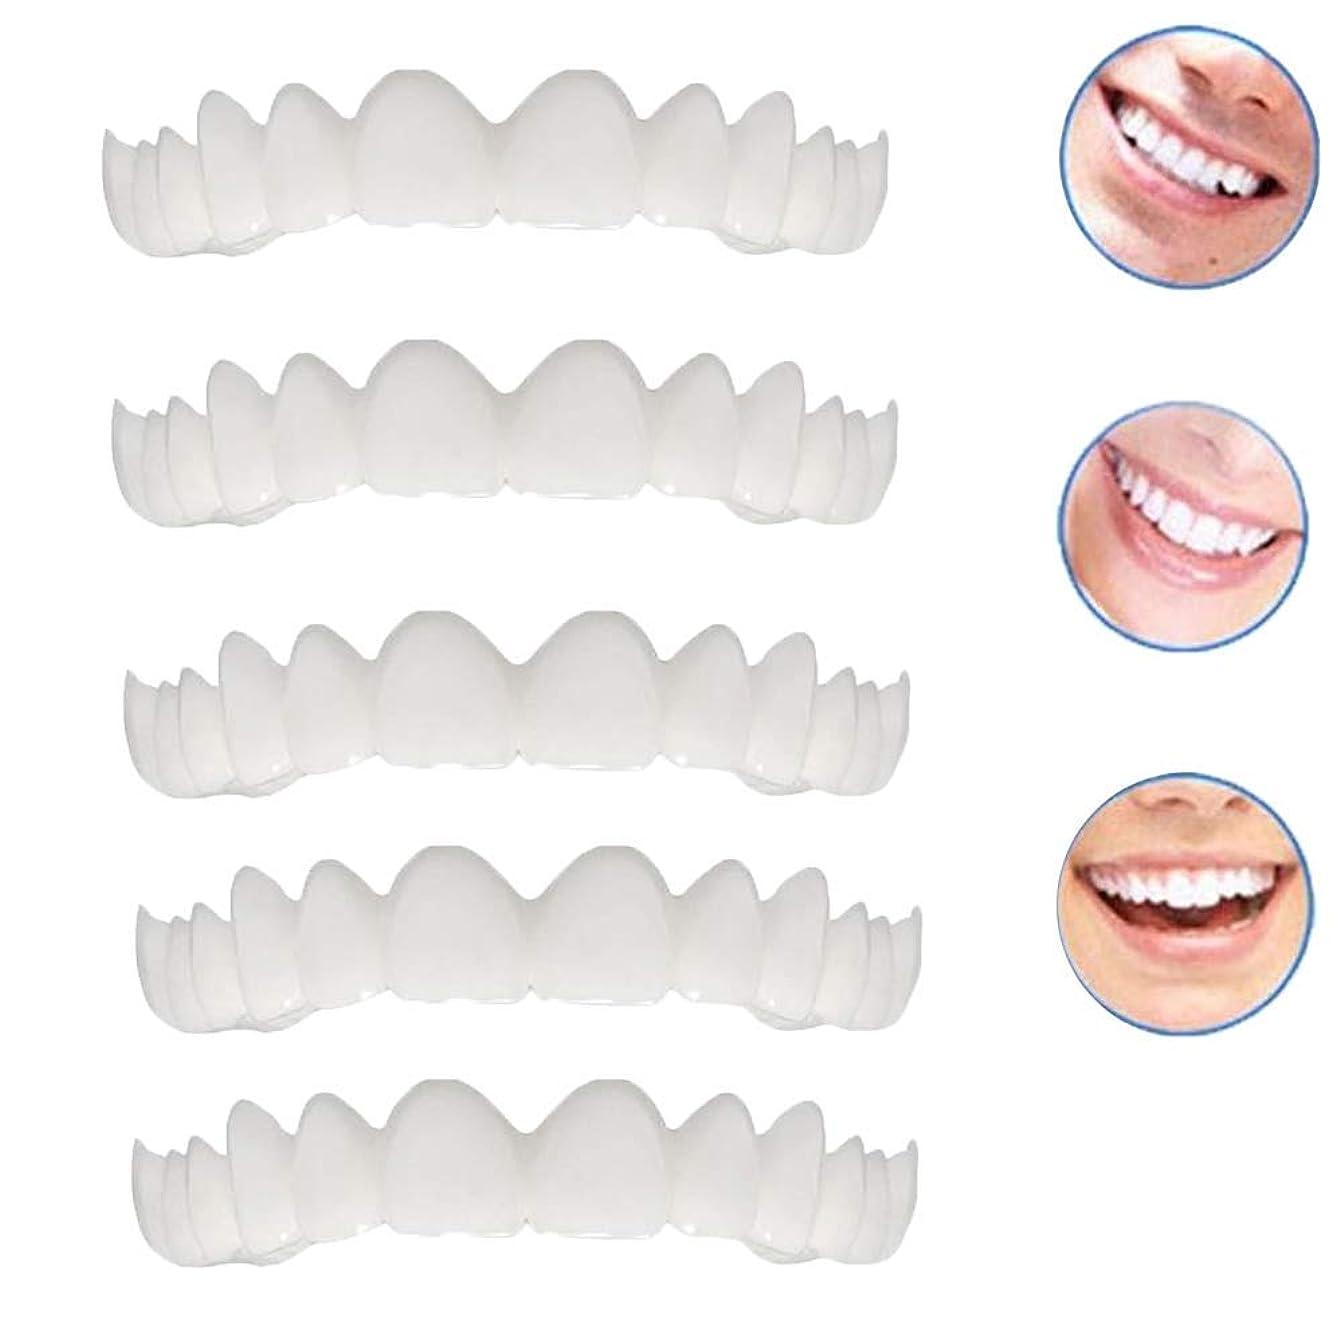 ずるい告白リファイン2本の偽のベニヤ修正歯のトップホワイトニング化粧品義歯修正のための悪い歯のための新しいプロの笑顔のベニヤ